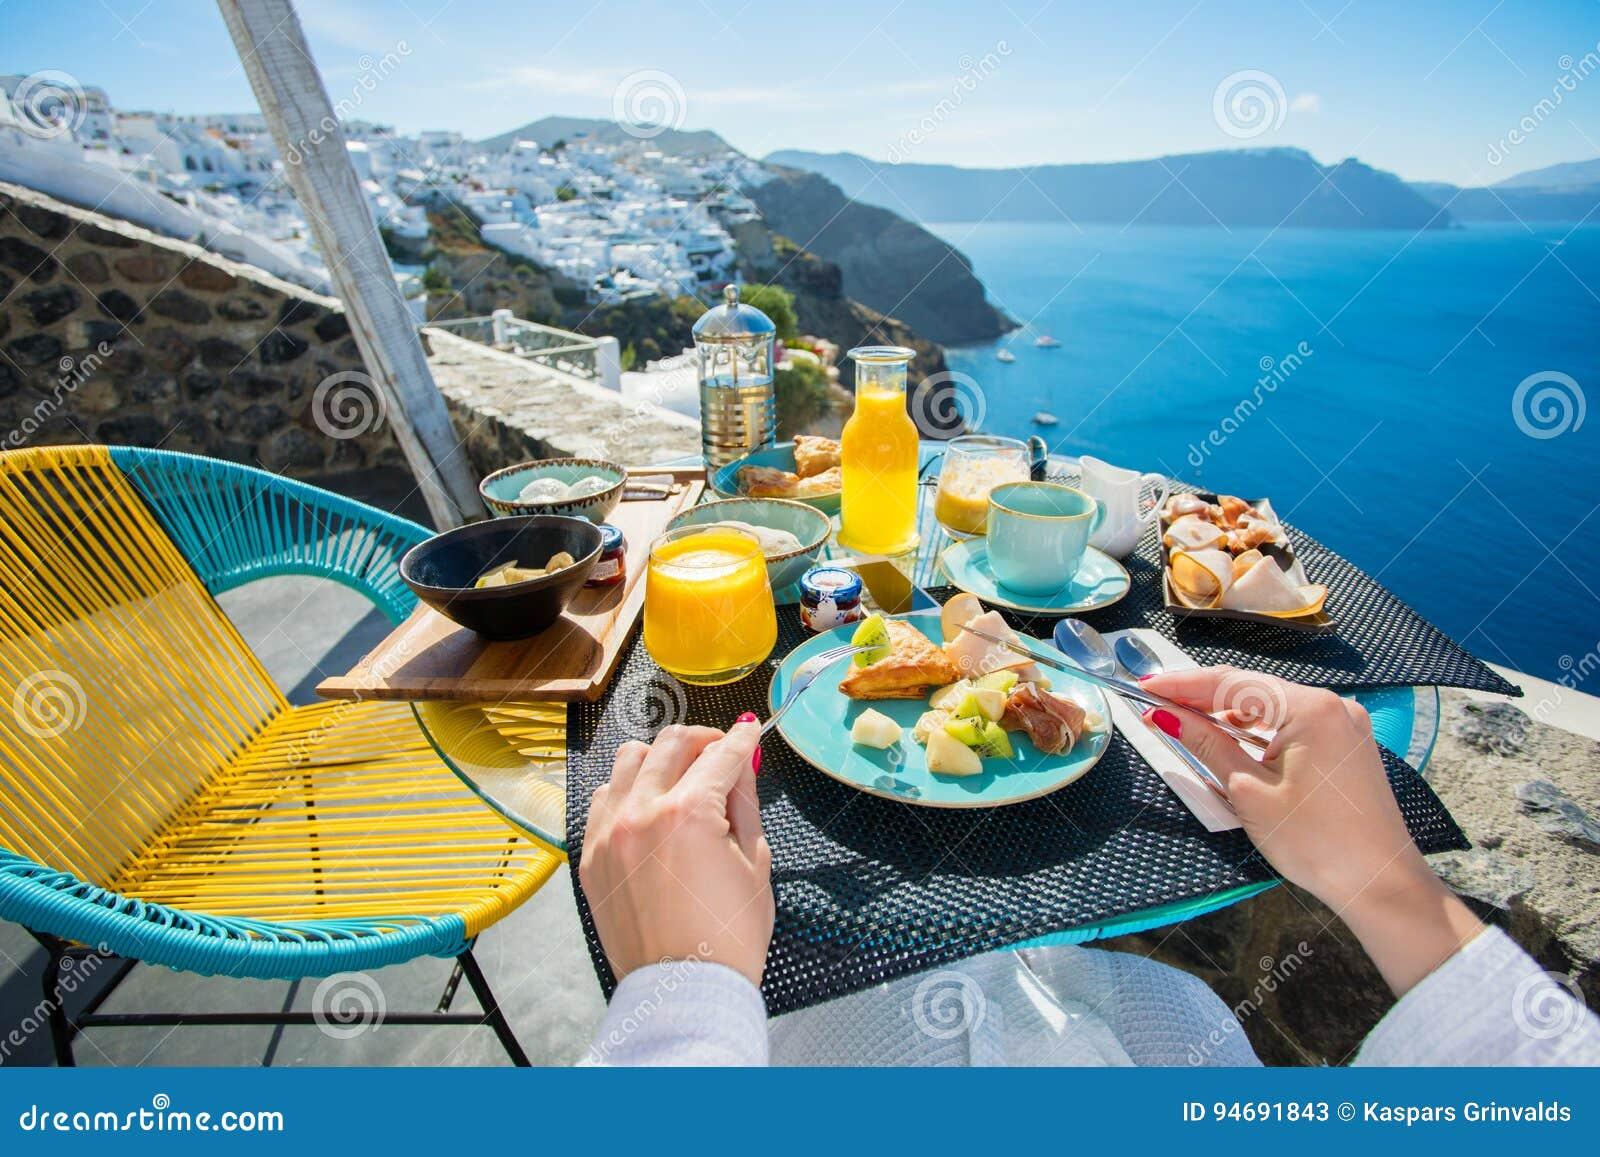 Prima Colazione Nella Località Di Soggiorno Lussuosa In Santorini ...